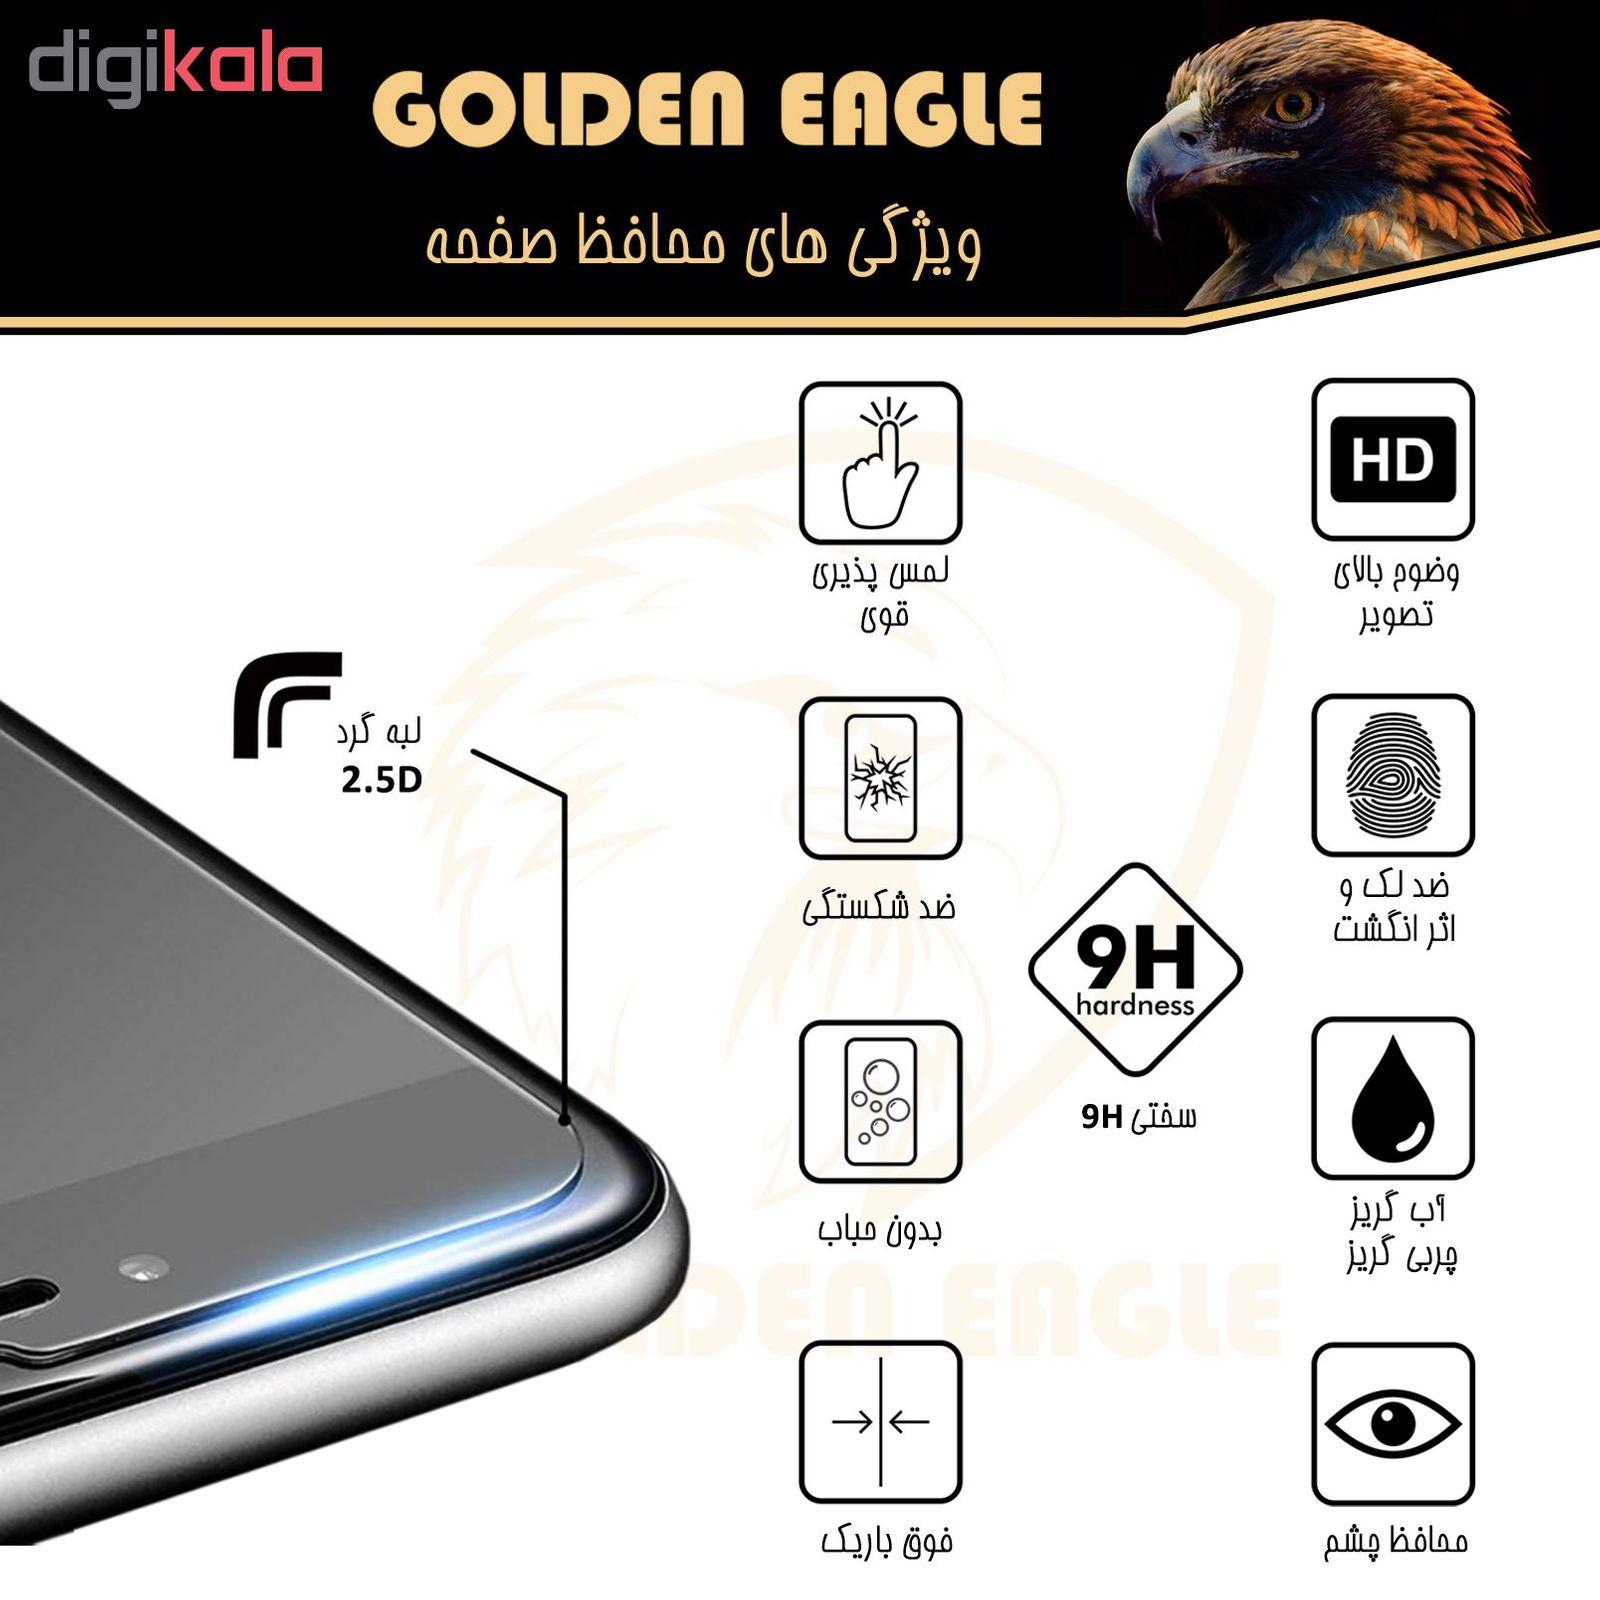 محافظ صفحه نمایش گلدن ایگل مدل GLC-X3 مناسب برای گوشی موبایل سامسونگ Galaxy A8 2018 بسته سه عددی main 1 3